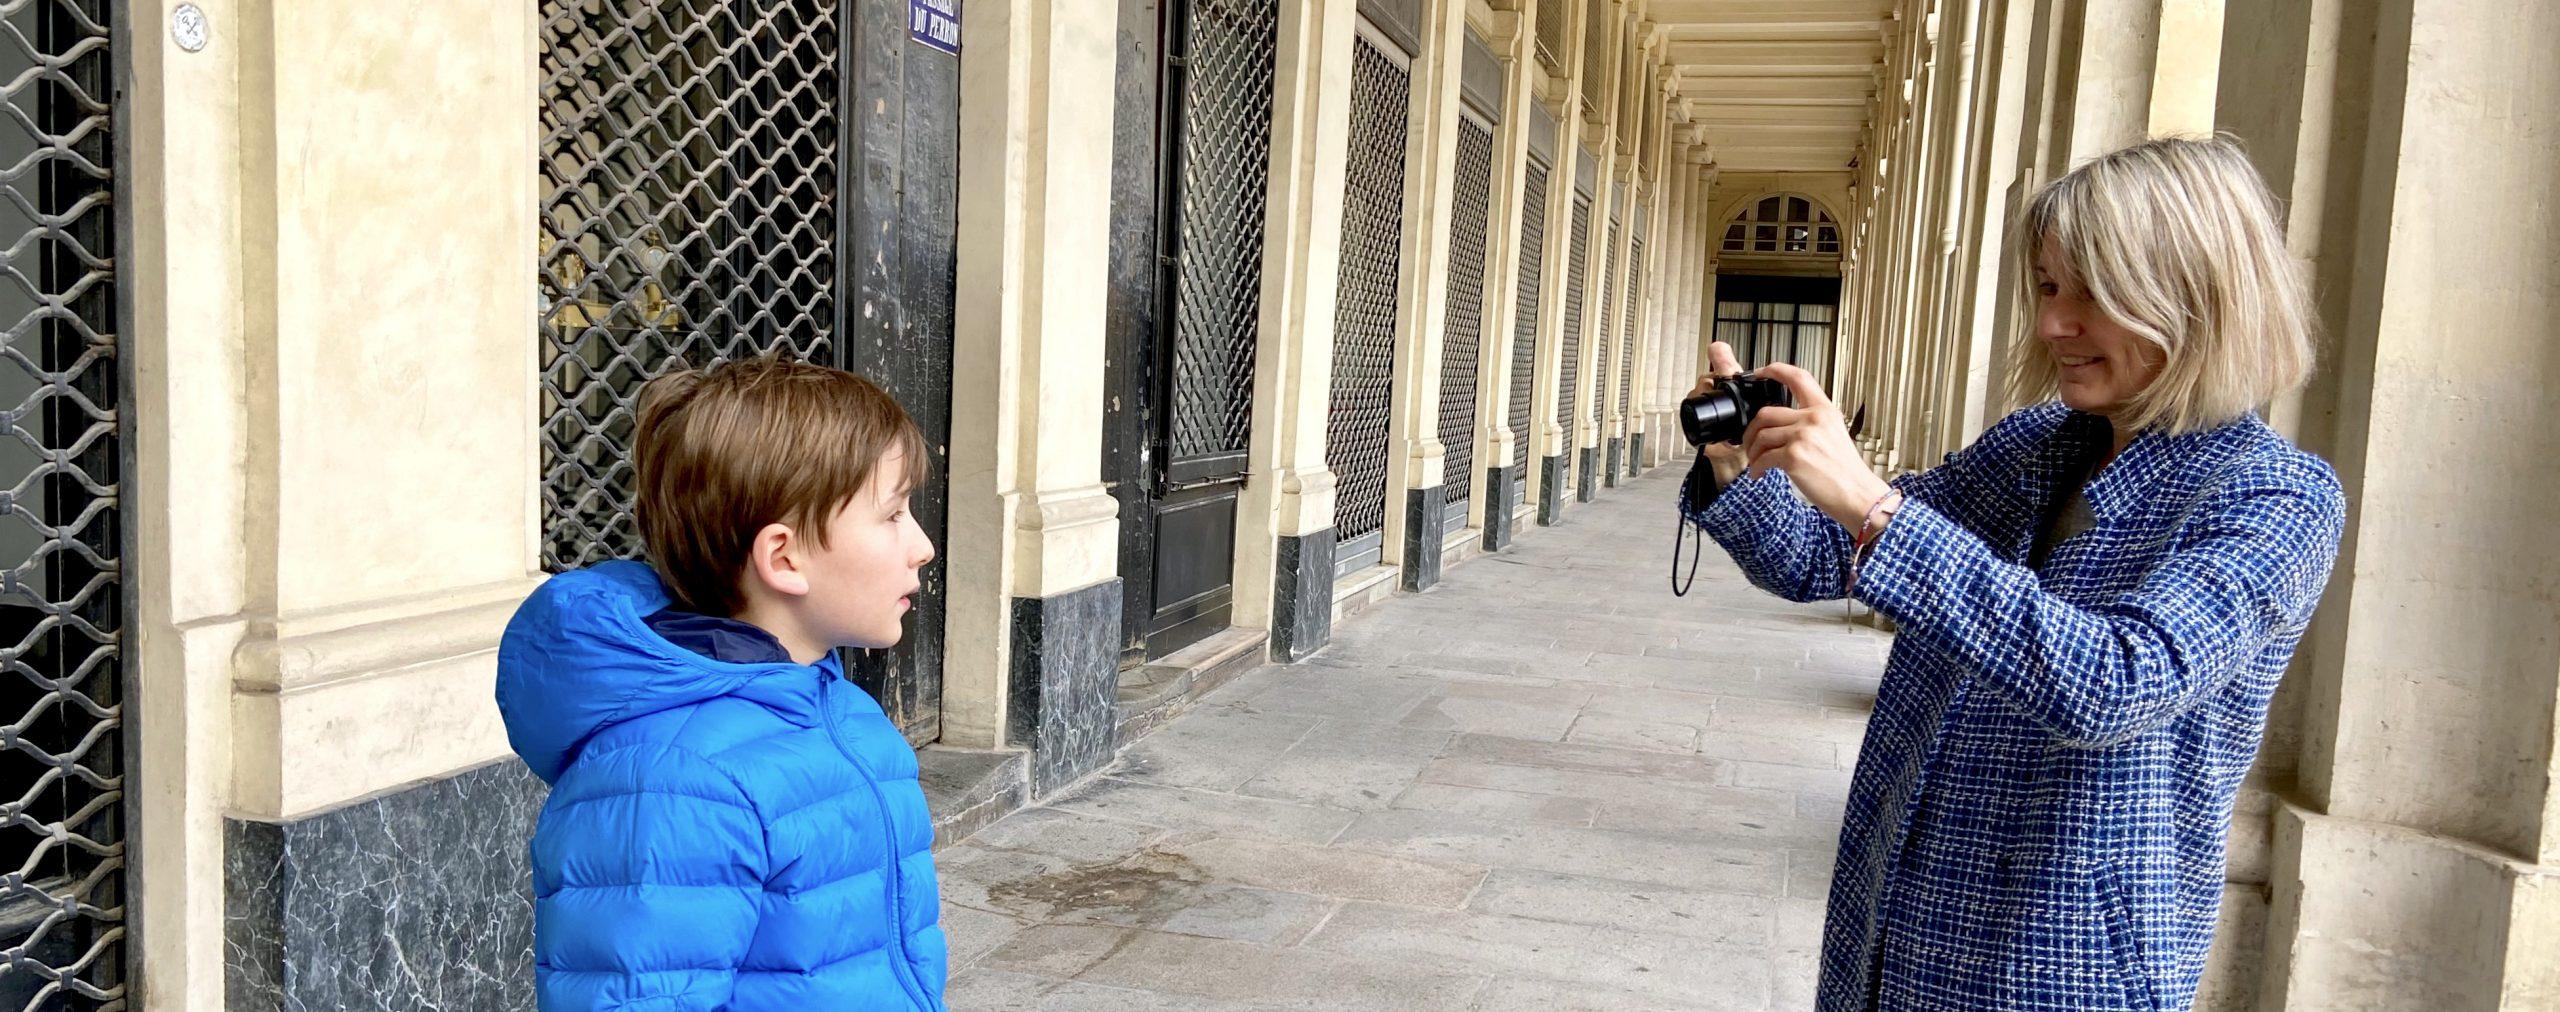 Paris Confinement Markert